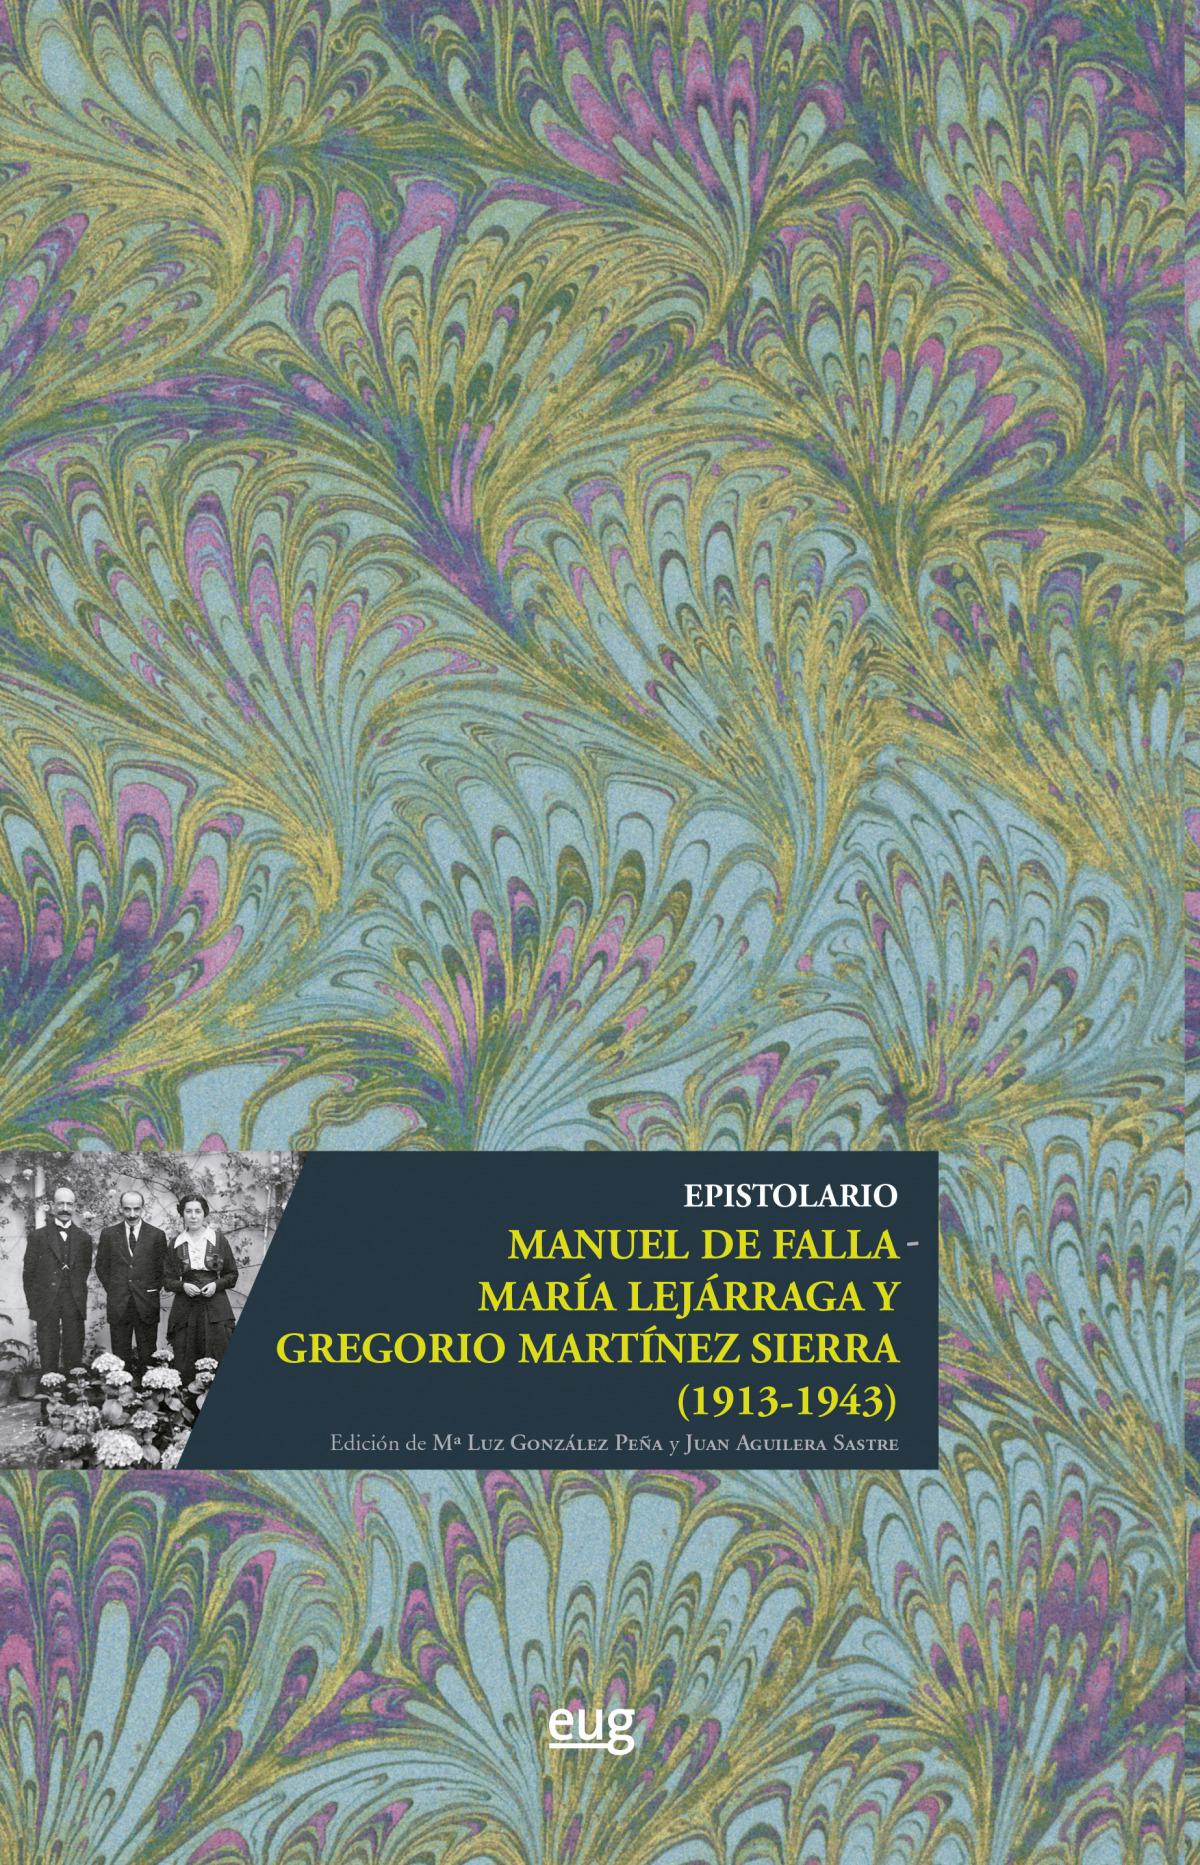 Epistolario Manuel de Falla - María Lejárraga y Gregorio Martínez Sierra (1913-1943)